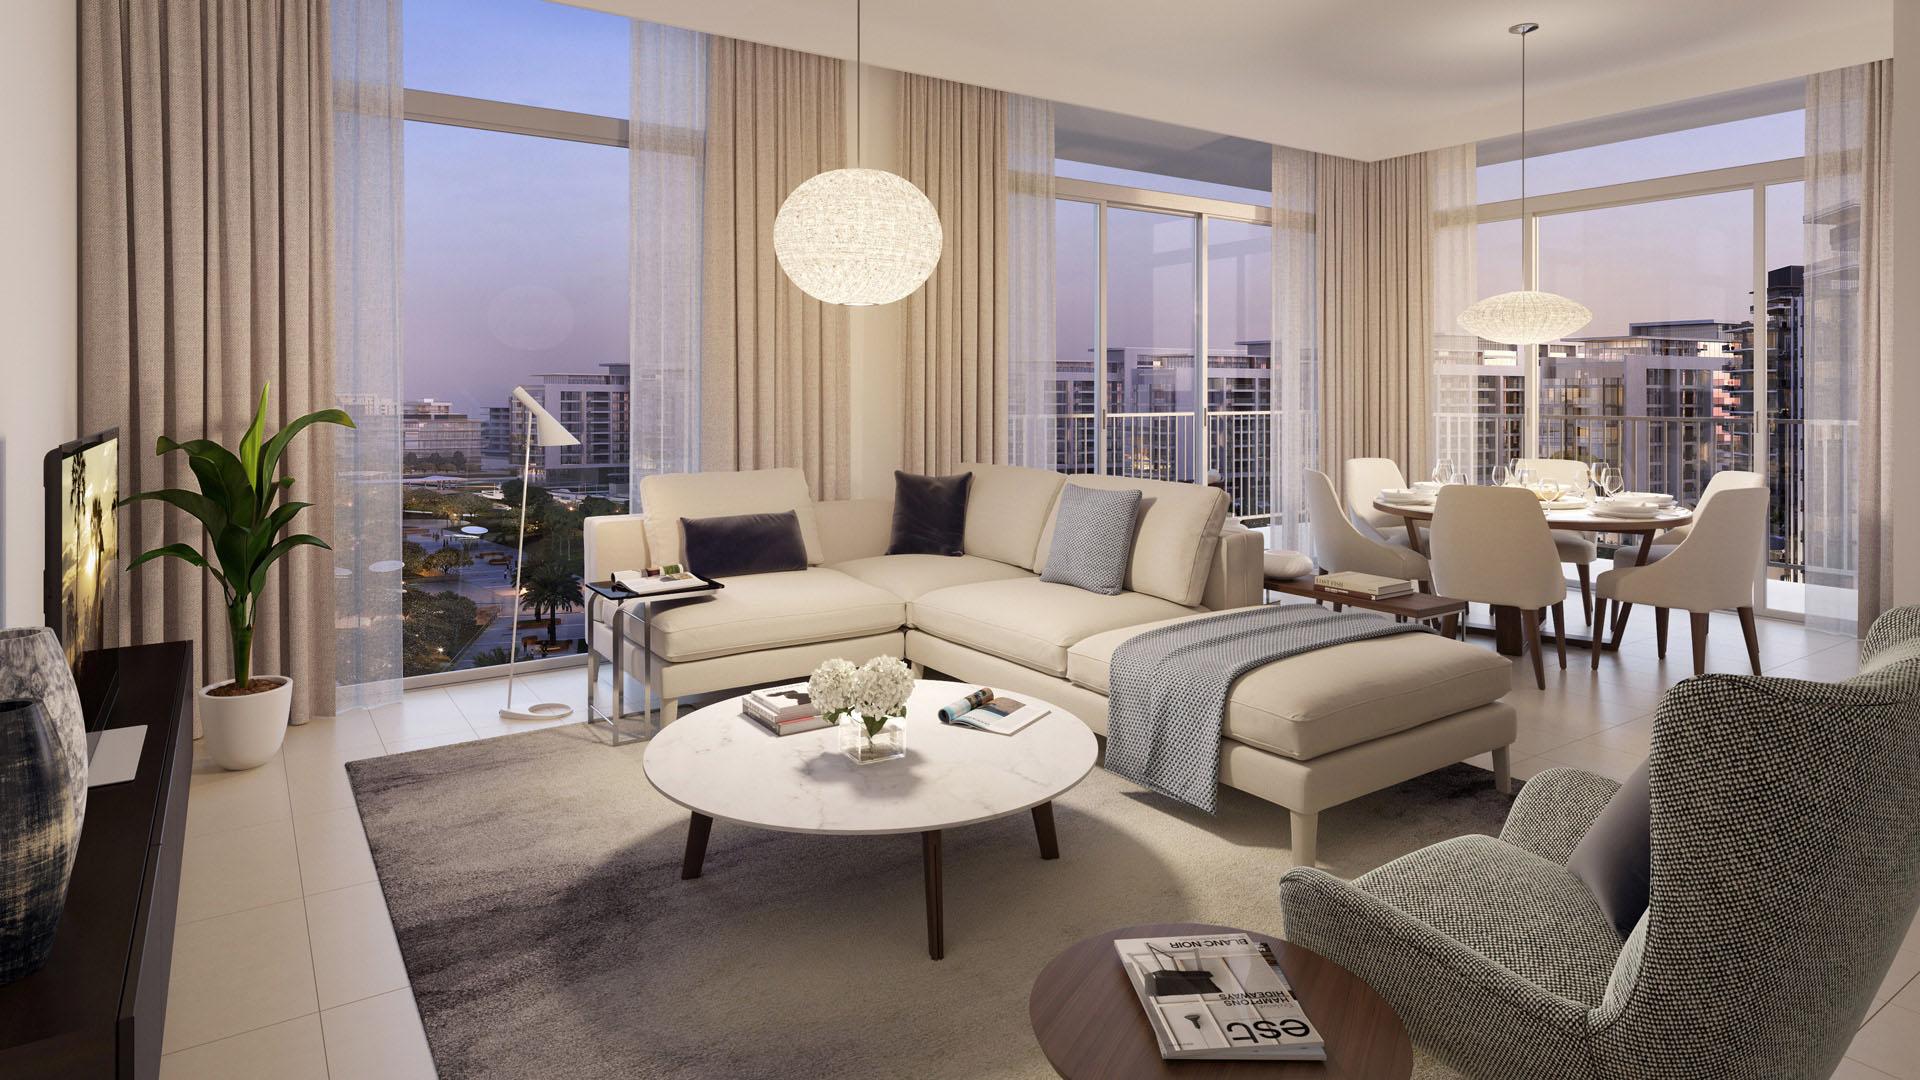 Apartment for sale in Dubai, UAE, 3 bedrooms, 144 m2, No. 23899 – photo 1